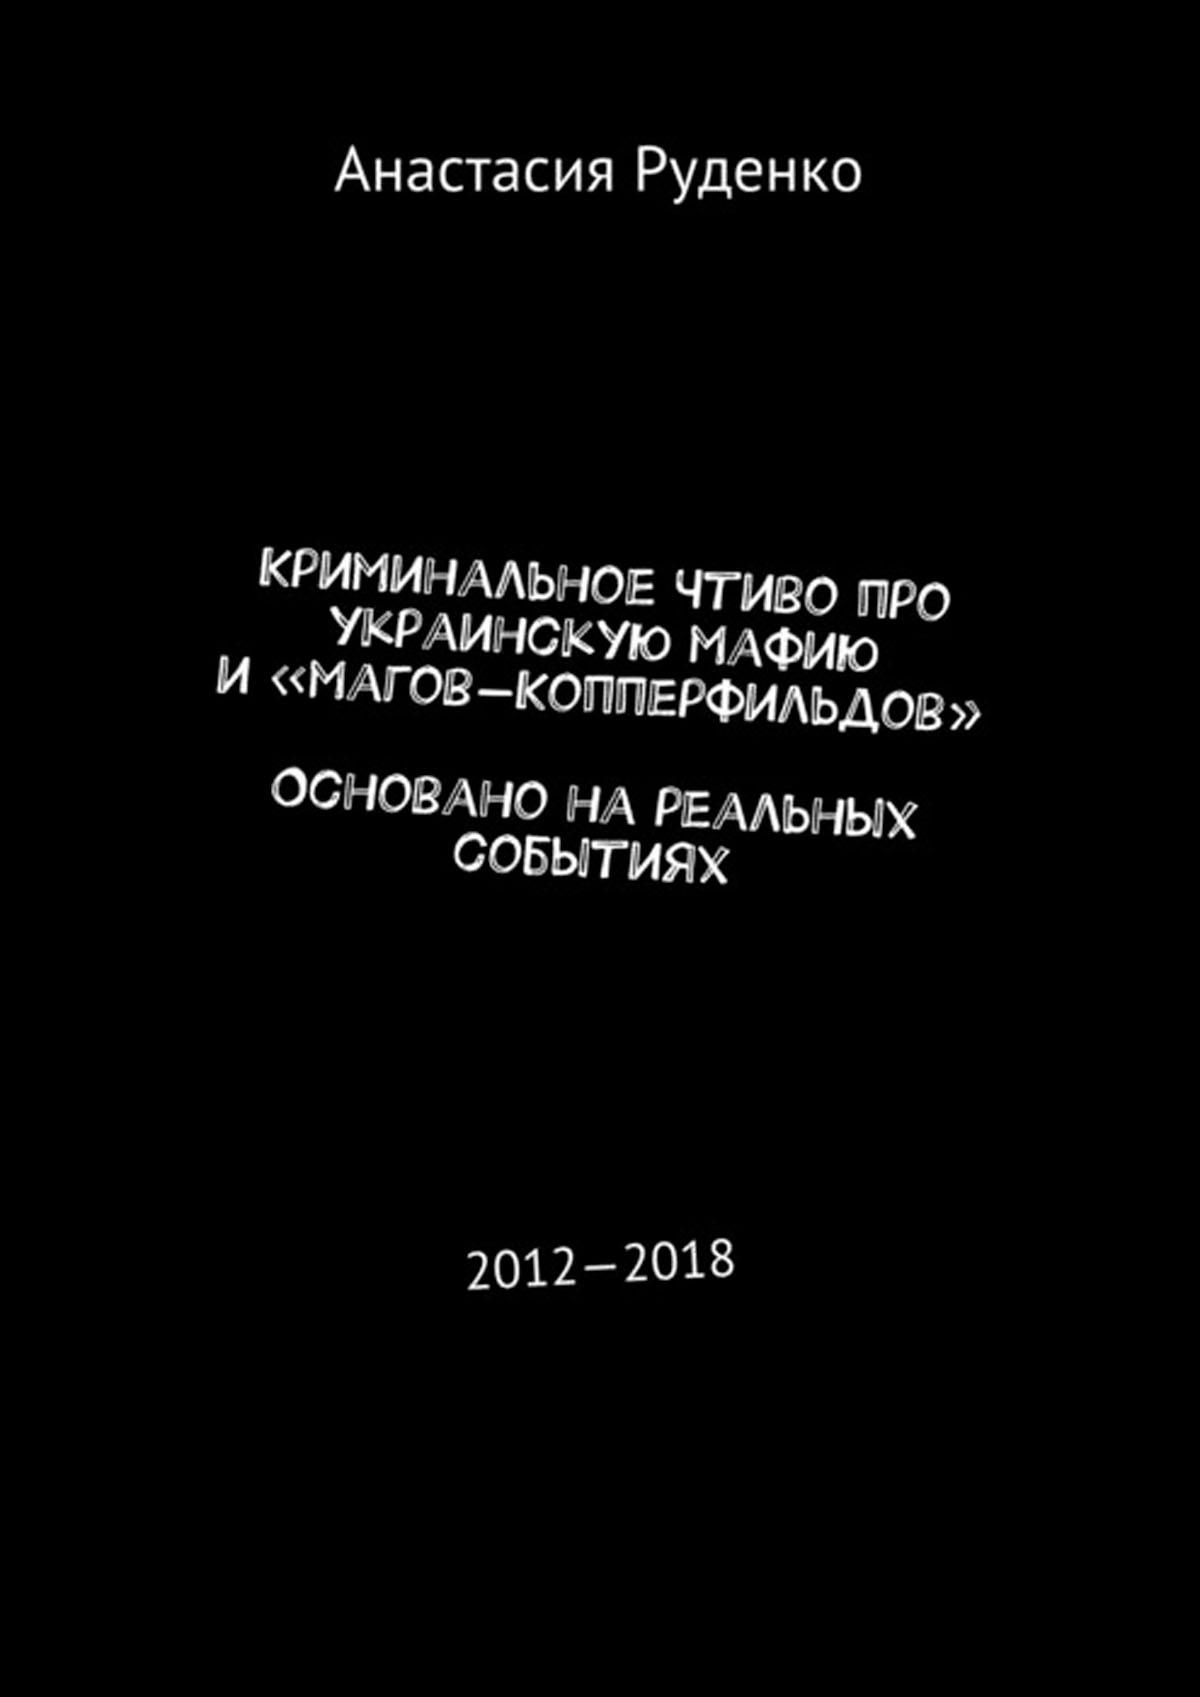 Криминальное чтиво про украинскую мафию и «магов-Копперфильдов». Основано на реальных событиях. 2012—2018